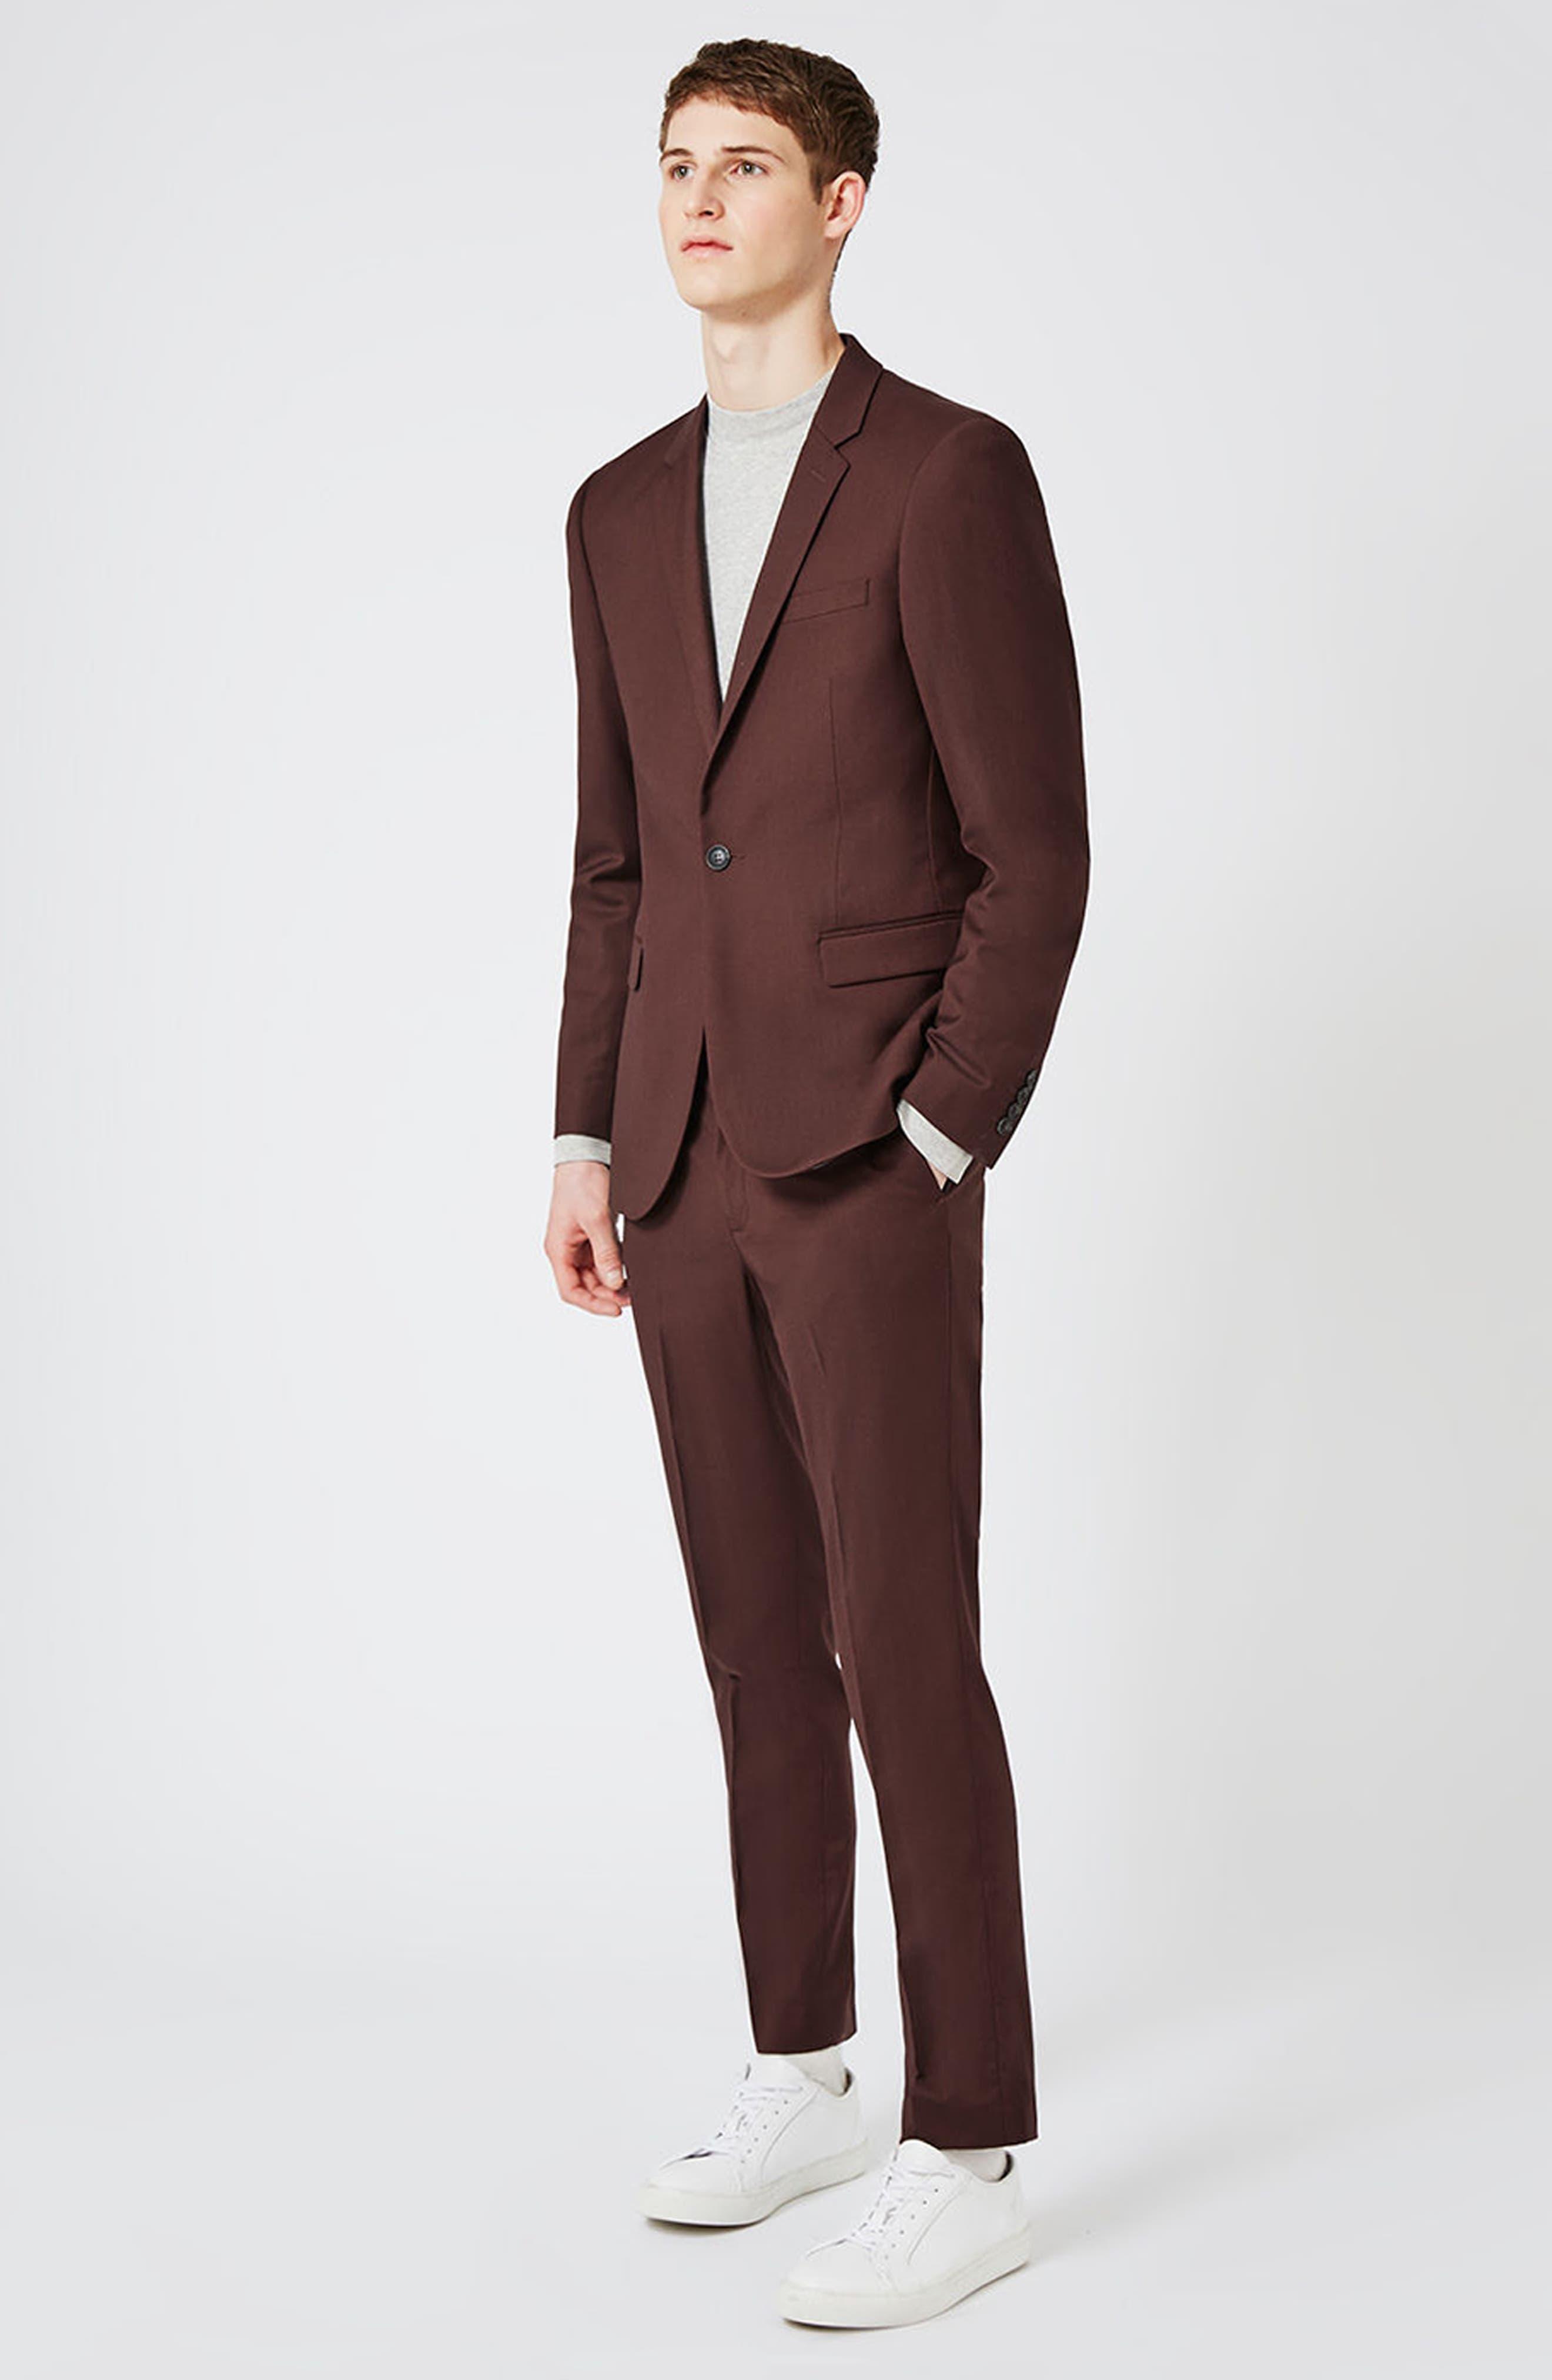 Men's Extra-Trim-Fit Suits & Sport Coats | Nordstrom